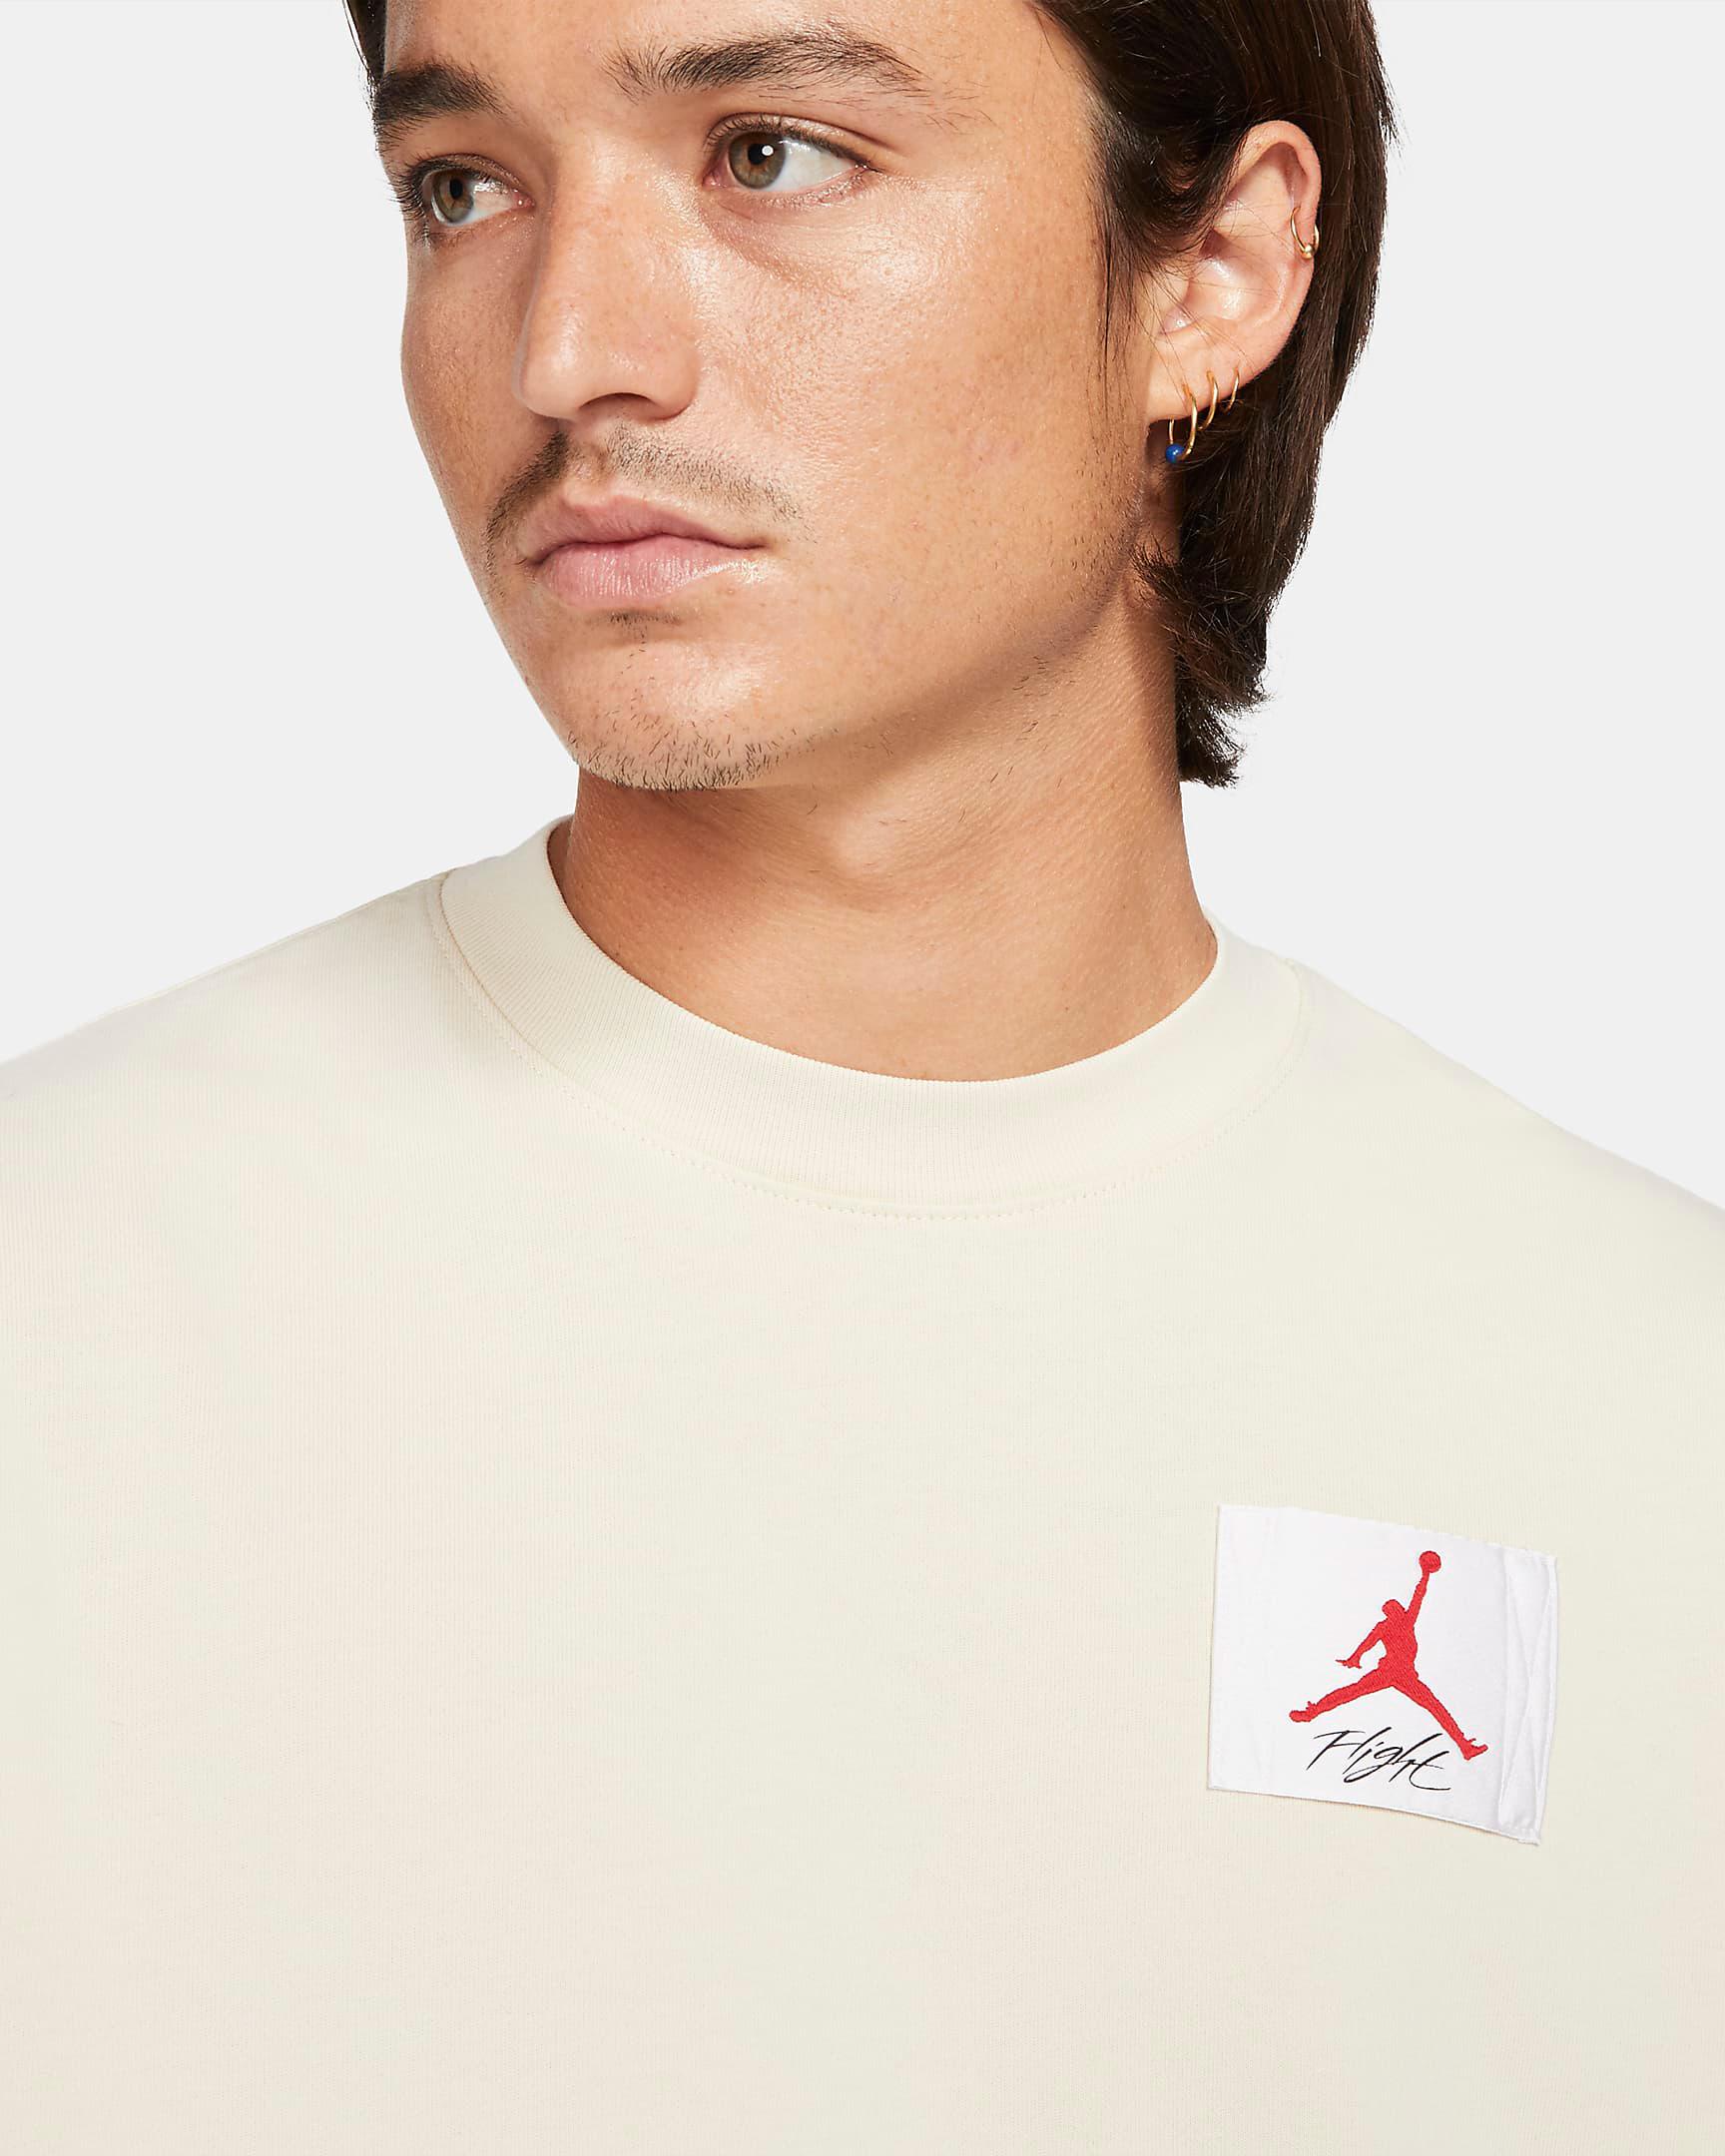 air-jordan-1-centre-court-banned-shirt-match-1